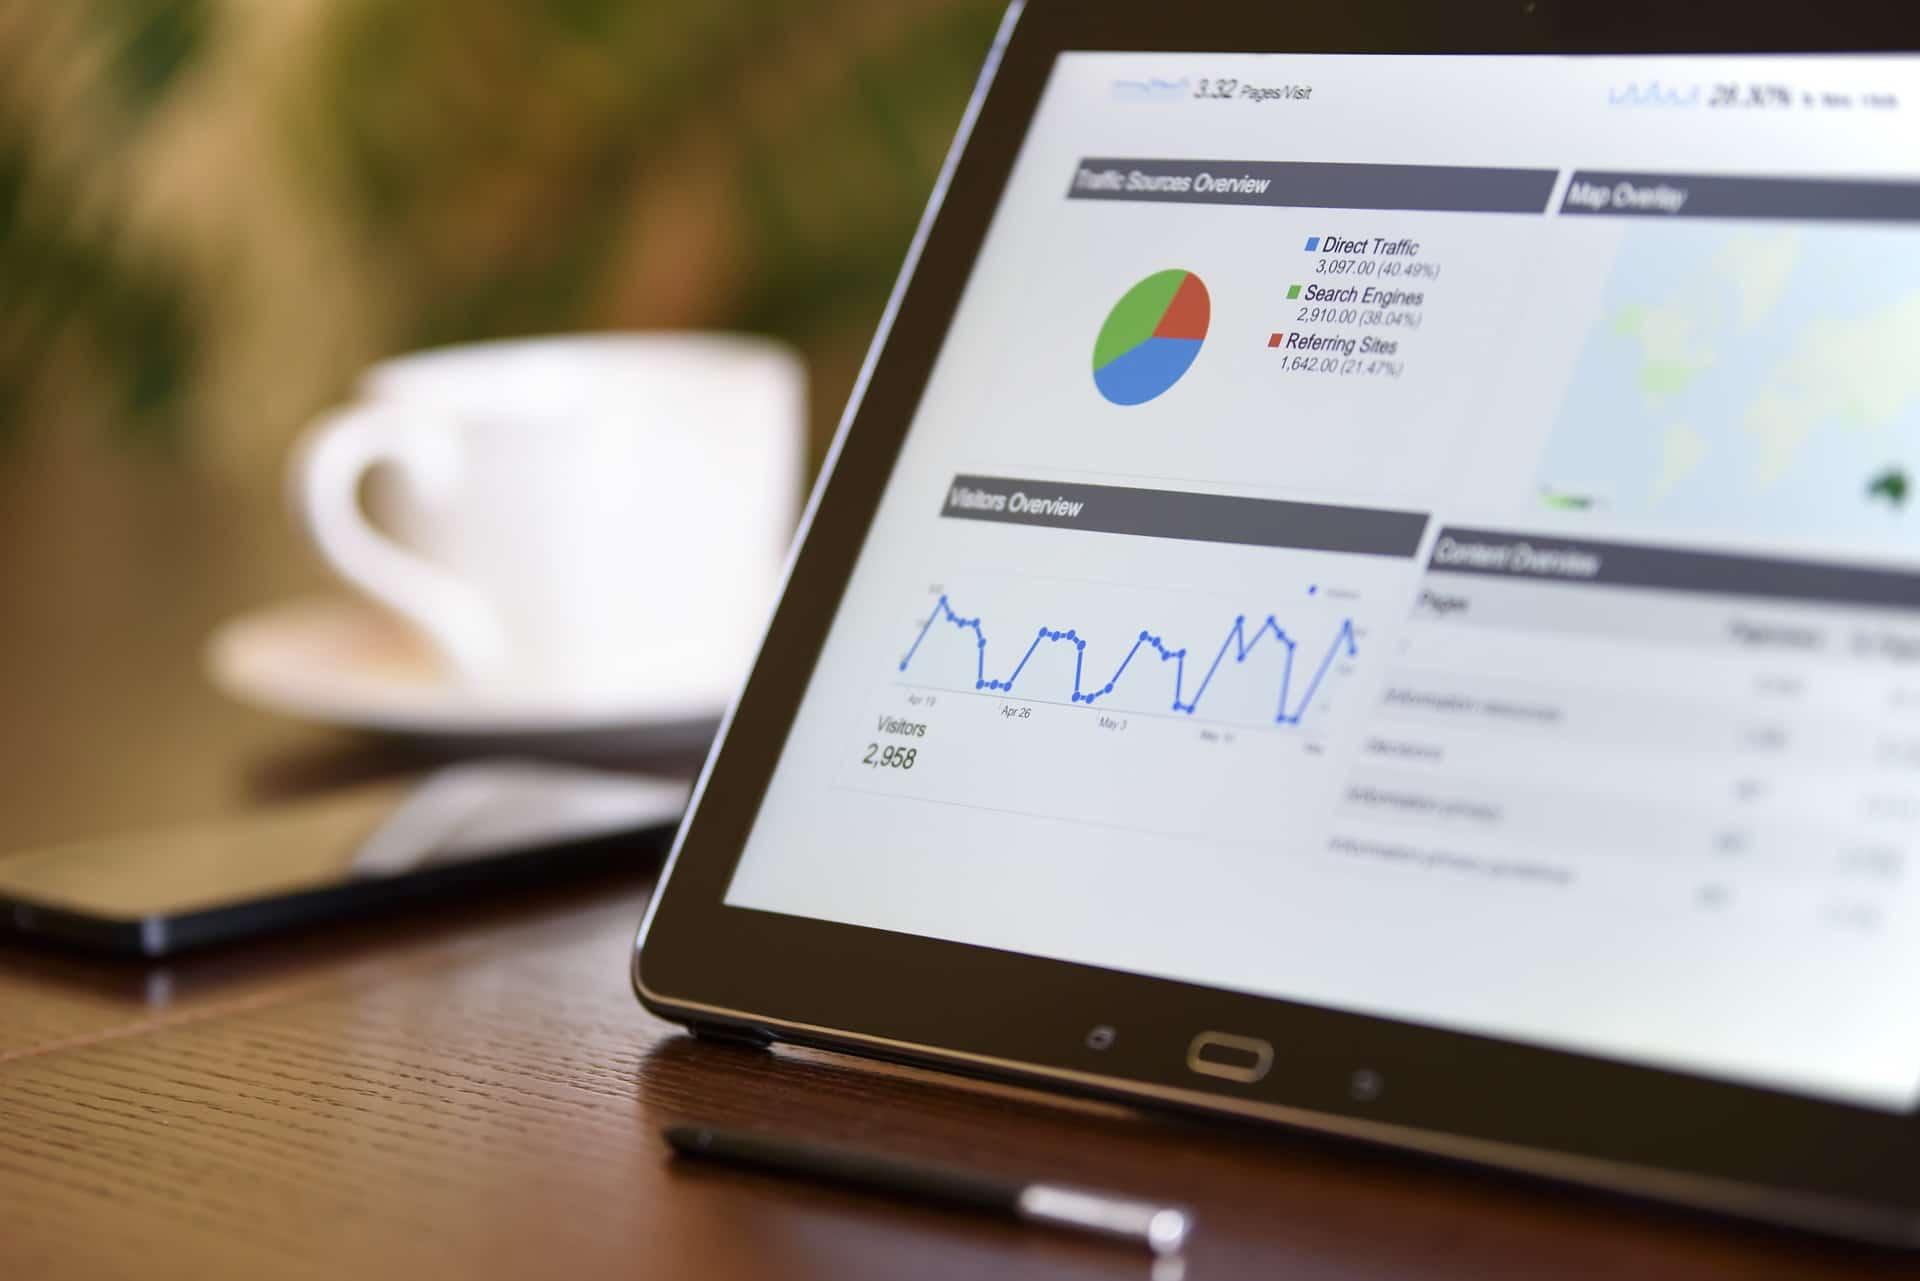 O'DONOVAN-Analyse führender Elektronikportale zeigt deutliche Schwächen in der Customer Journey